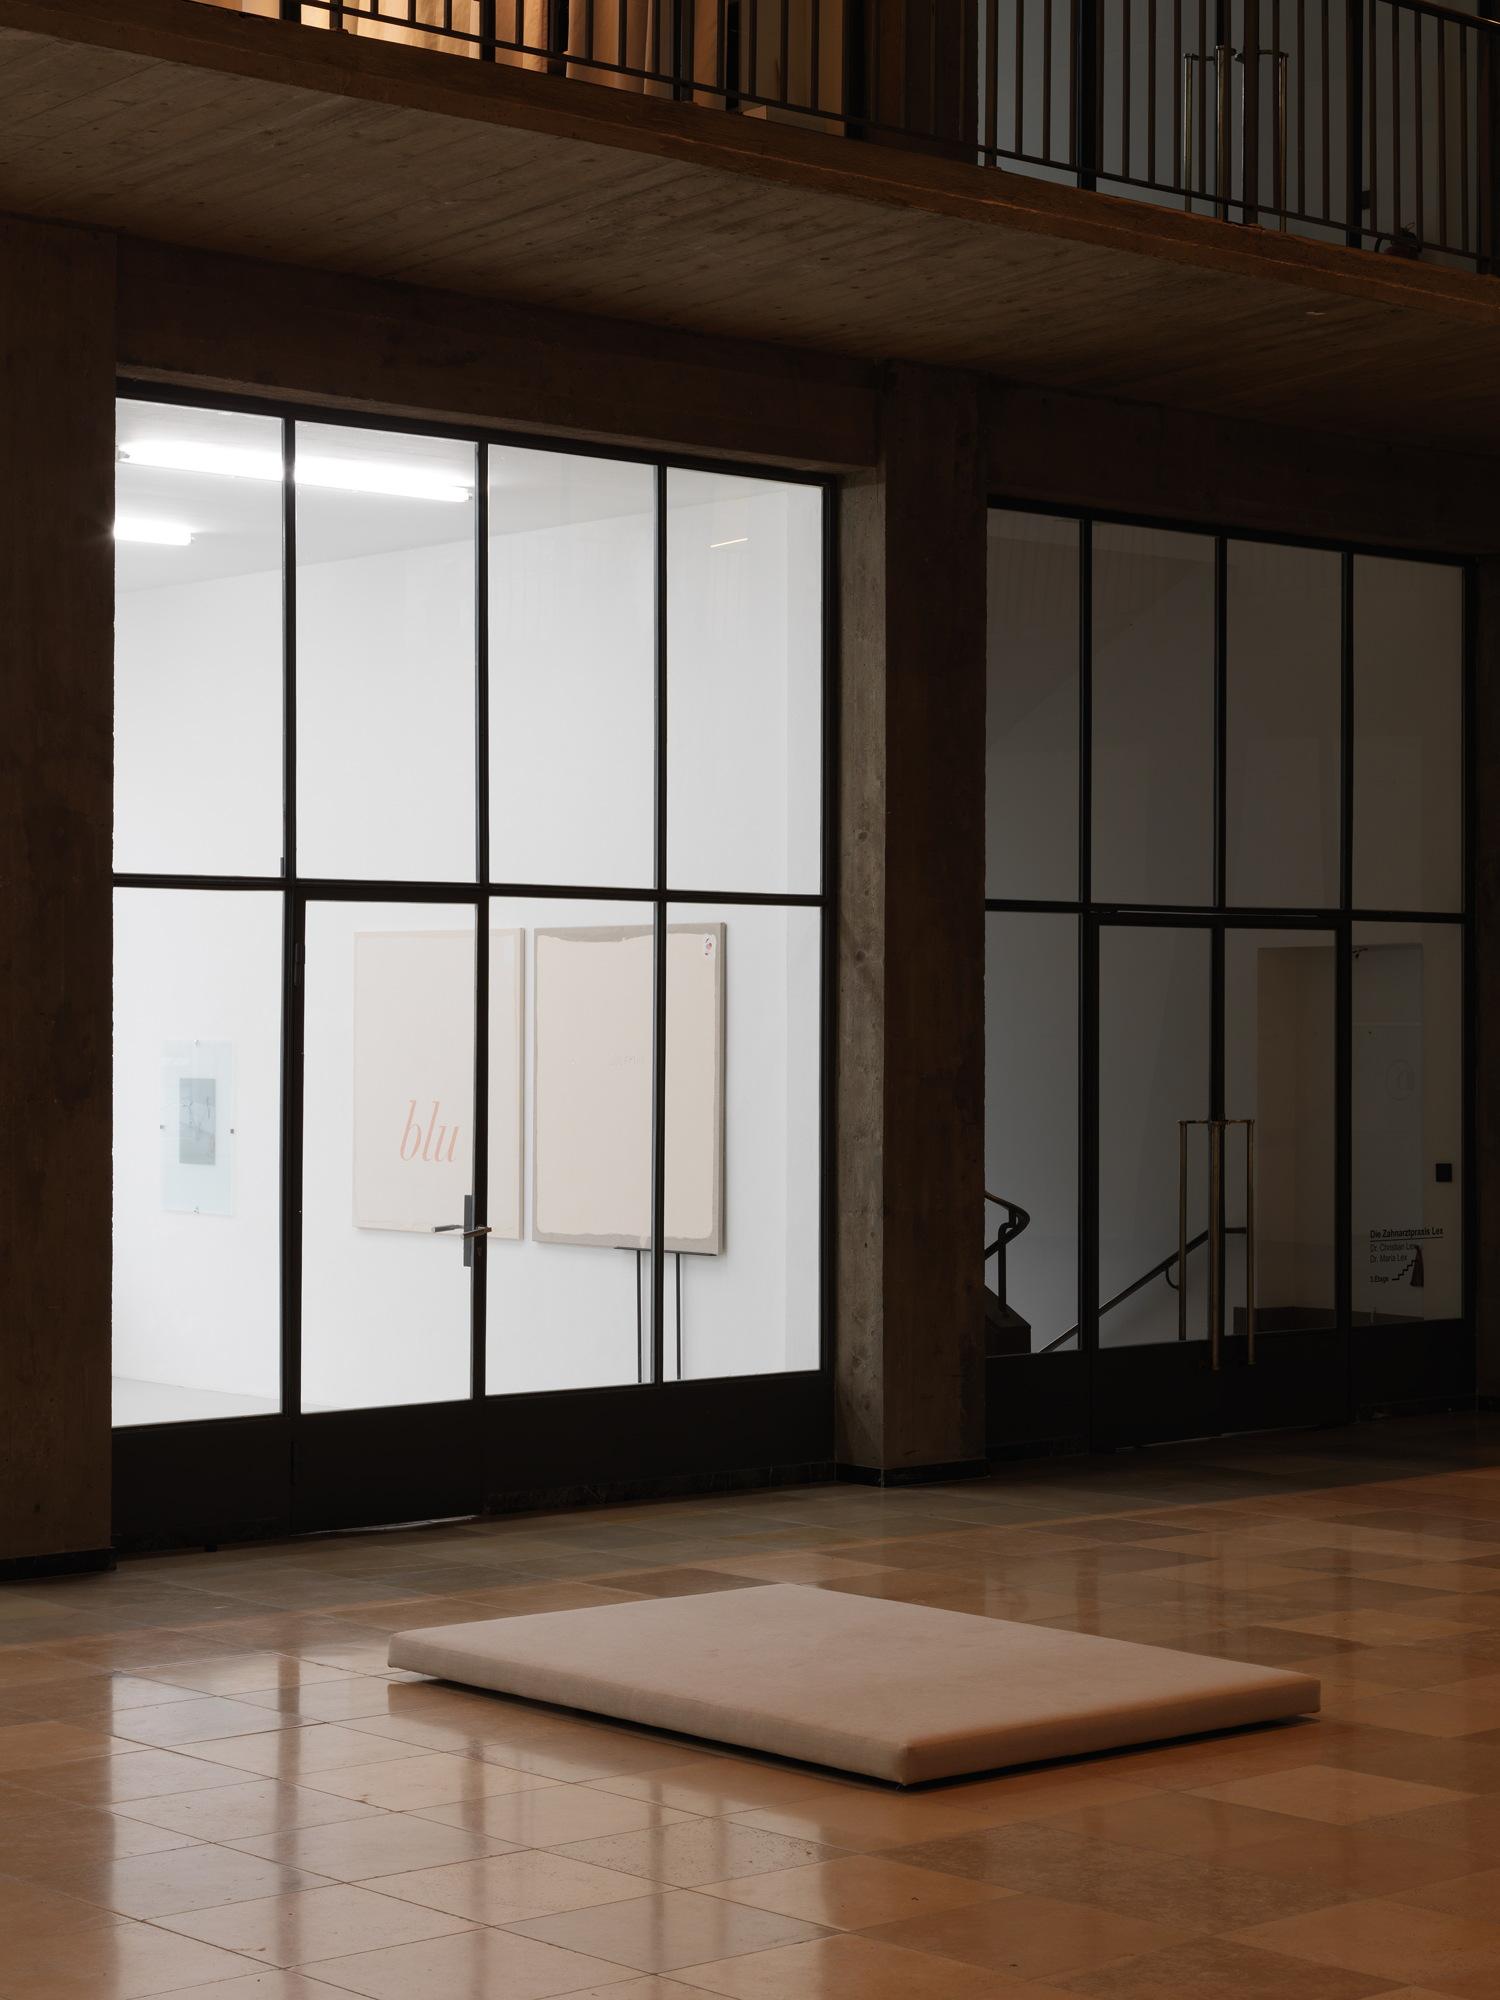 Dr Lex Nürnberg malte zenses at kunstverein nürnberg – art viewer